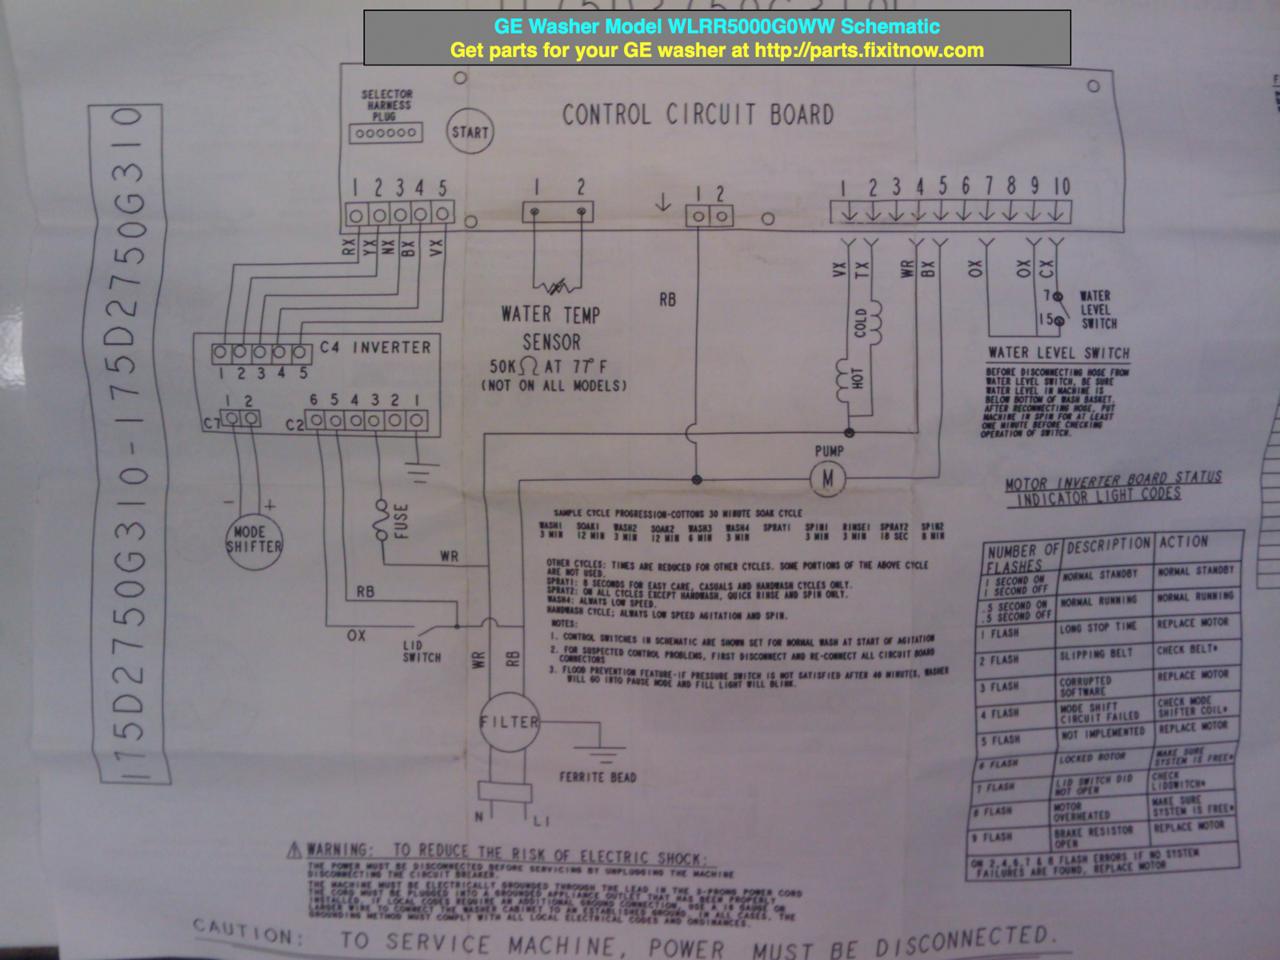 wiring diagrams and schematics appliantology ge washer model wlrr5000g0ww schematic